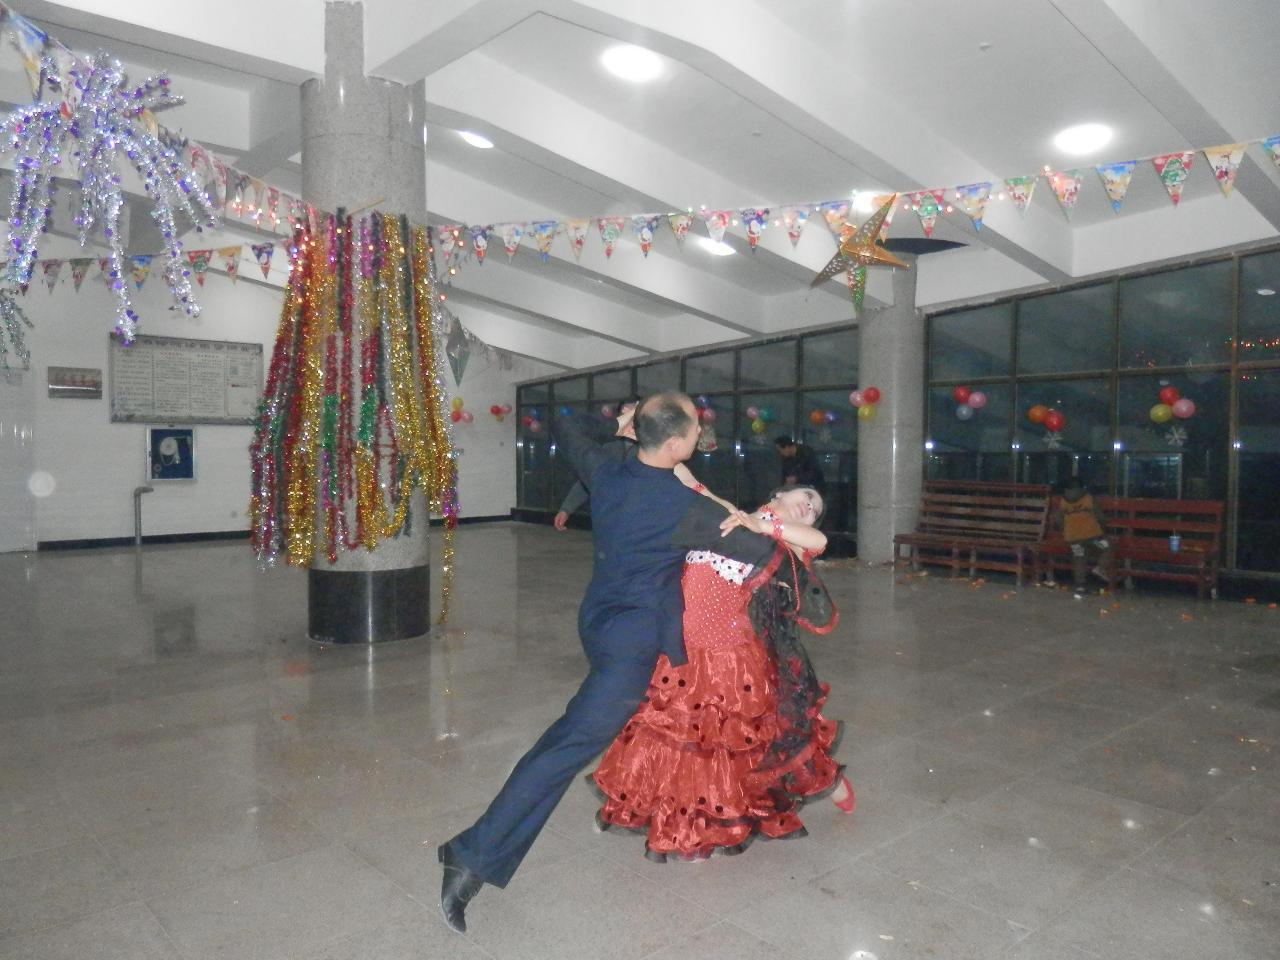 余江舞蹈家协会交谊舞培训中心招收学员